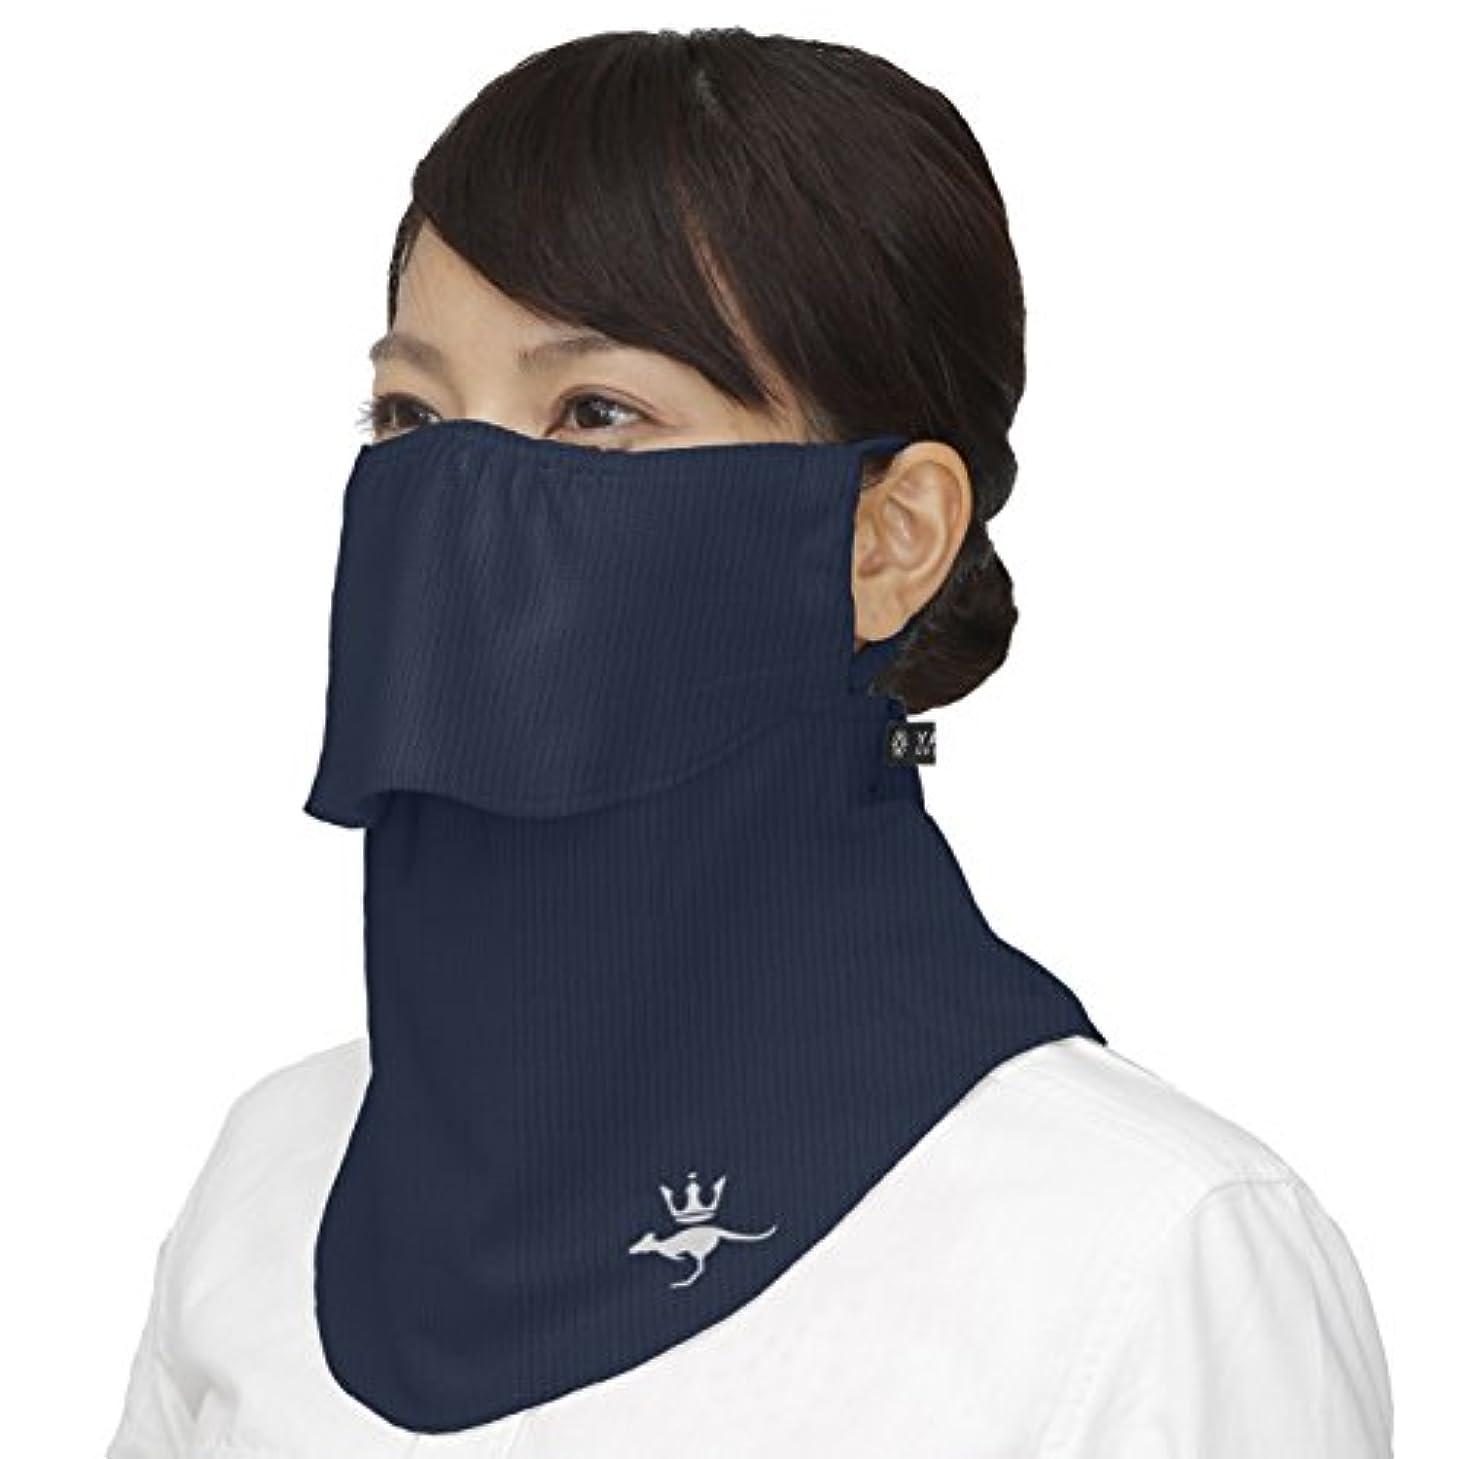 アブストラクトラボ屋内で(シンプソン)Simpson 息苦しくない 紫外線防止 レディース 日焼け防止 UVカット フェイスマスク フェイスカバー STA-M02